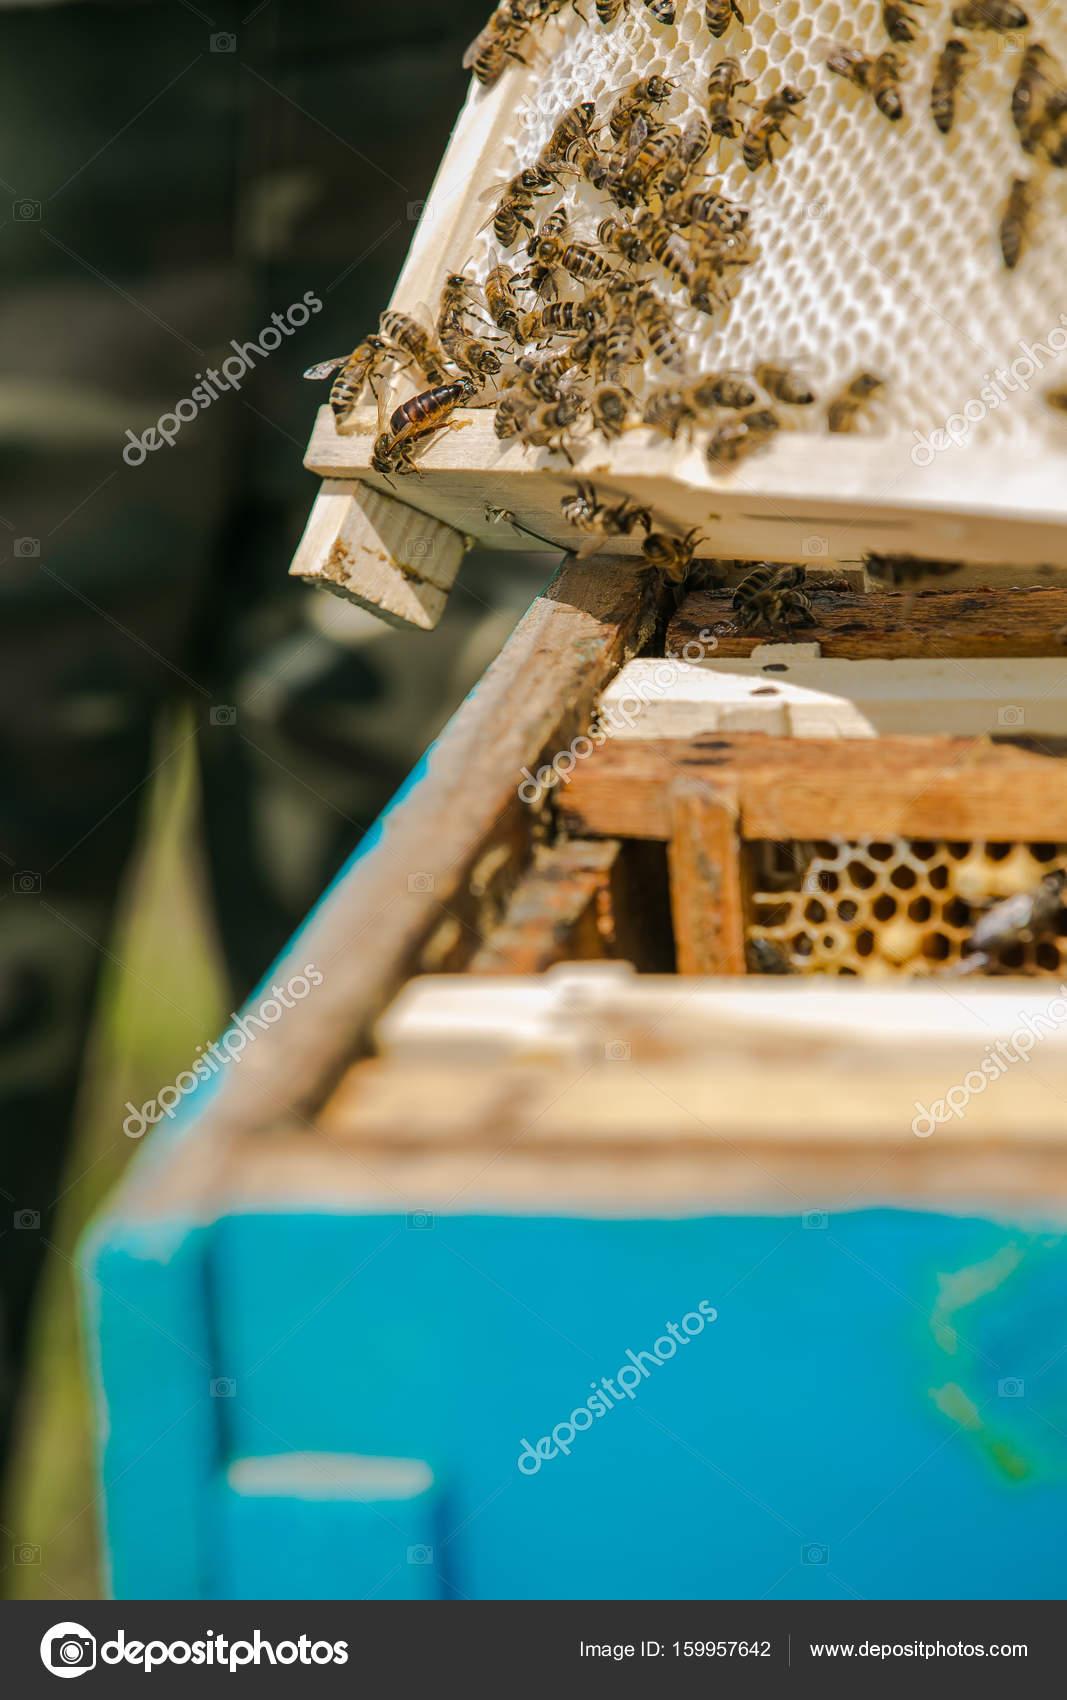 Reina de la abeja. Apicultor sacando marco con panal de una colmena ...